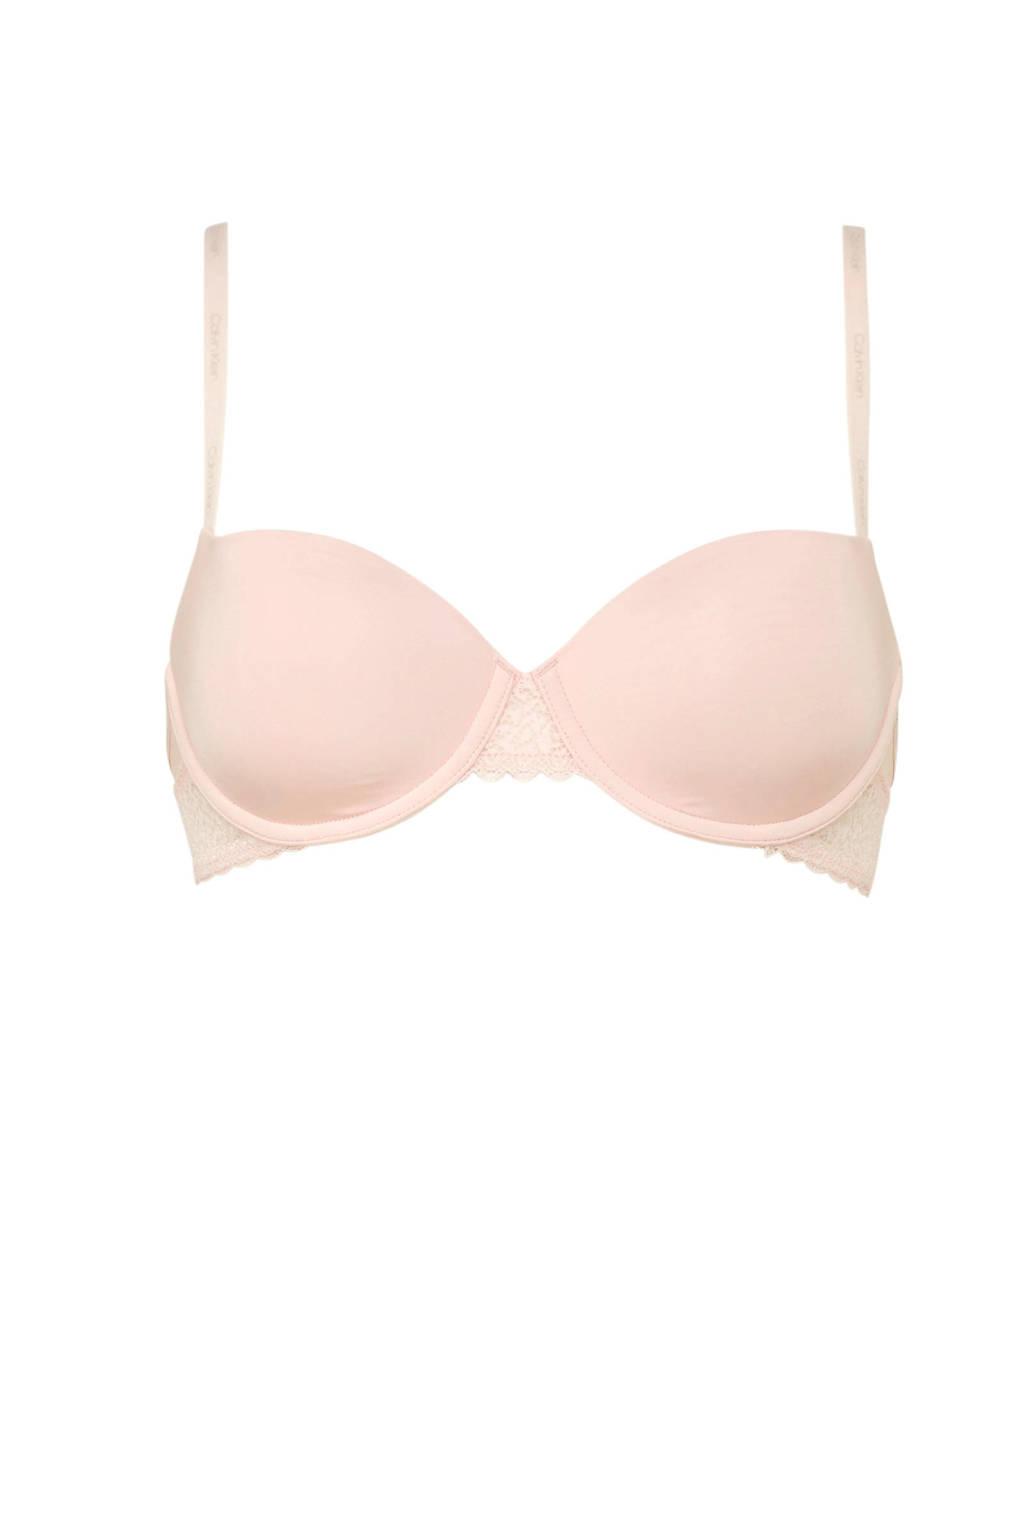 CALVIN KLEIN UNDERWEAR Underwear voorgevormde beugelbh Flirty roze, Lichtroze